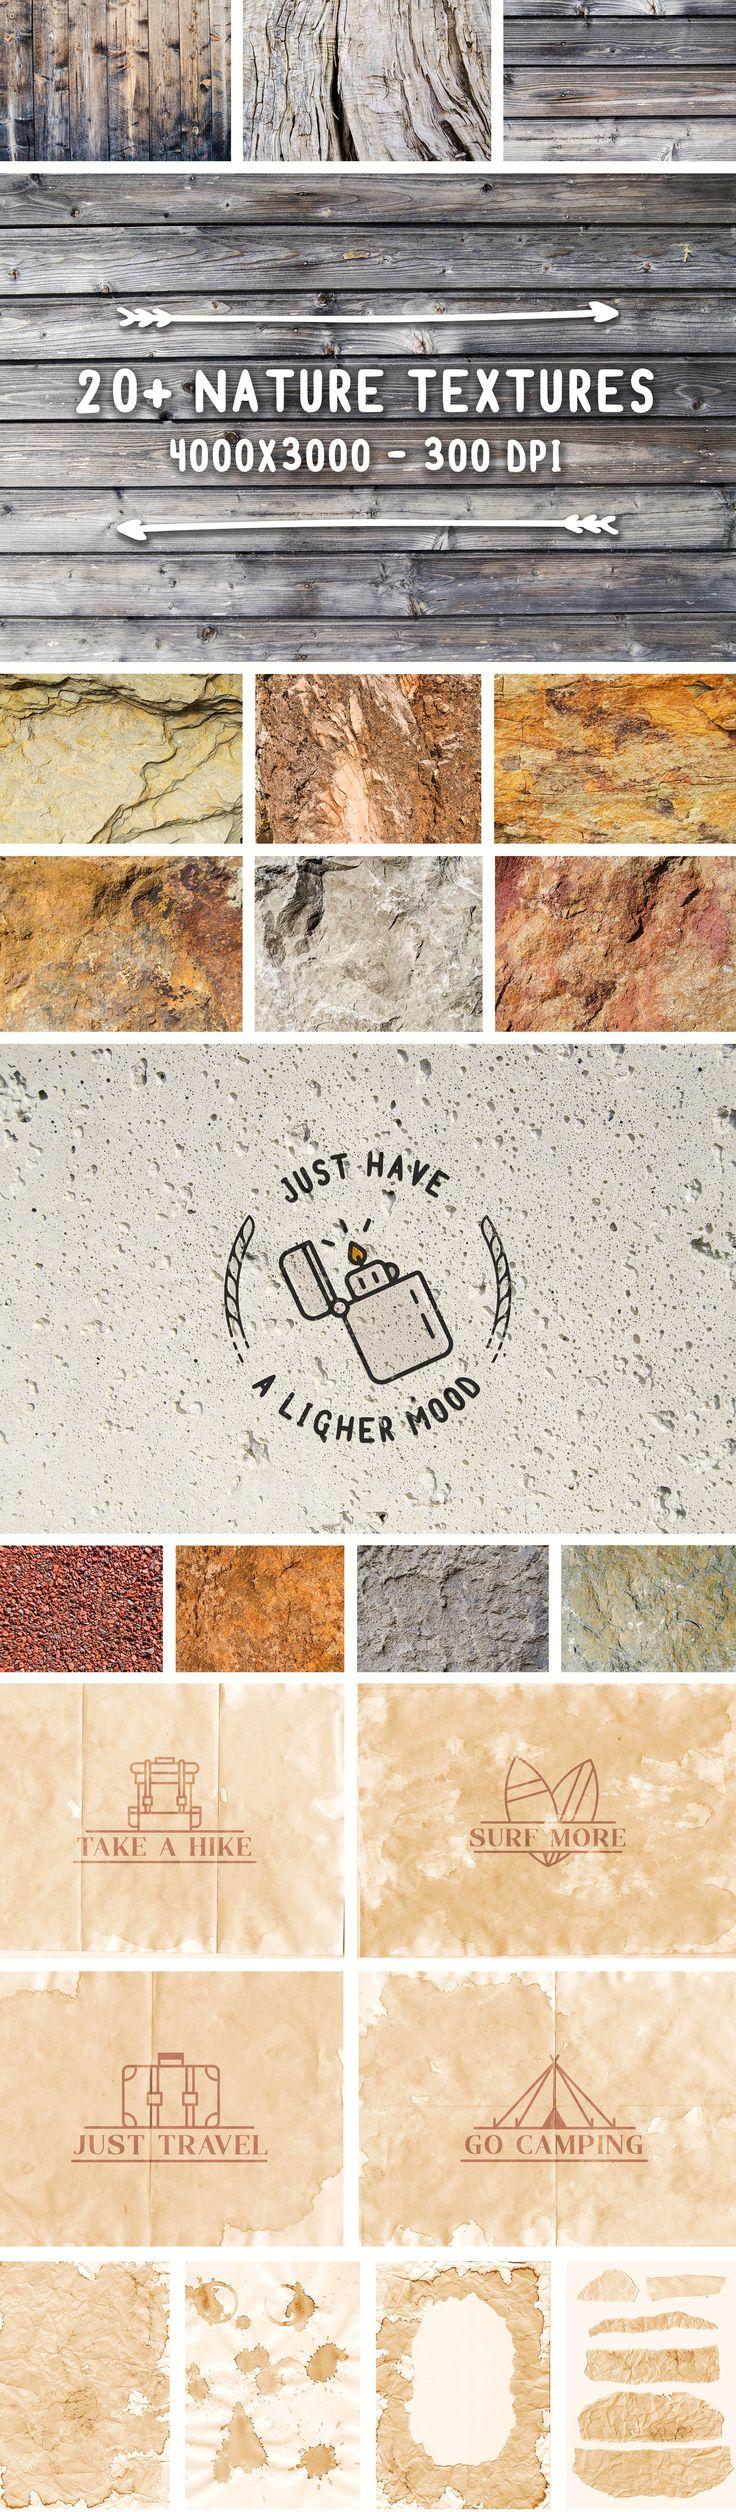 Full #Travel Branding Kit | Nature #textures